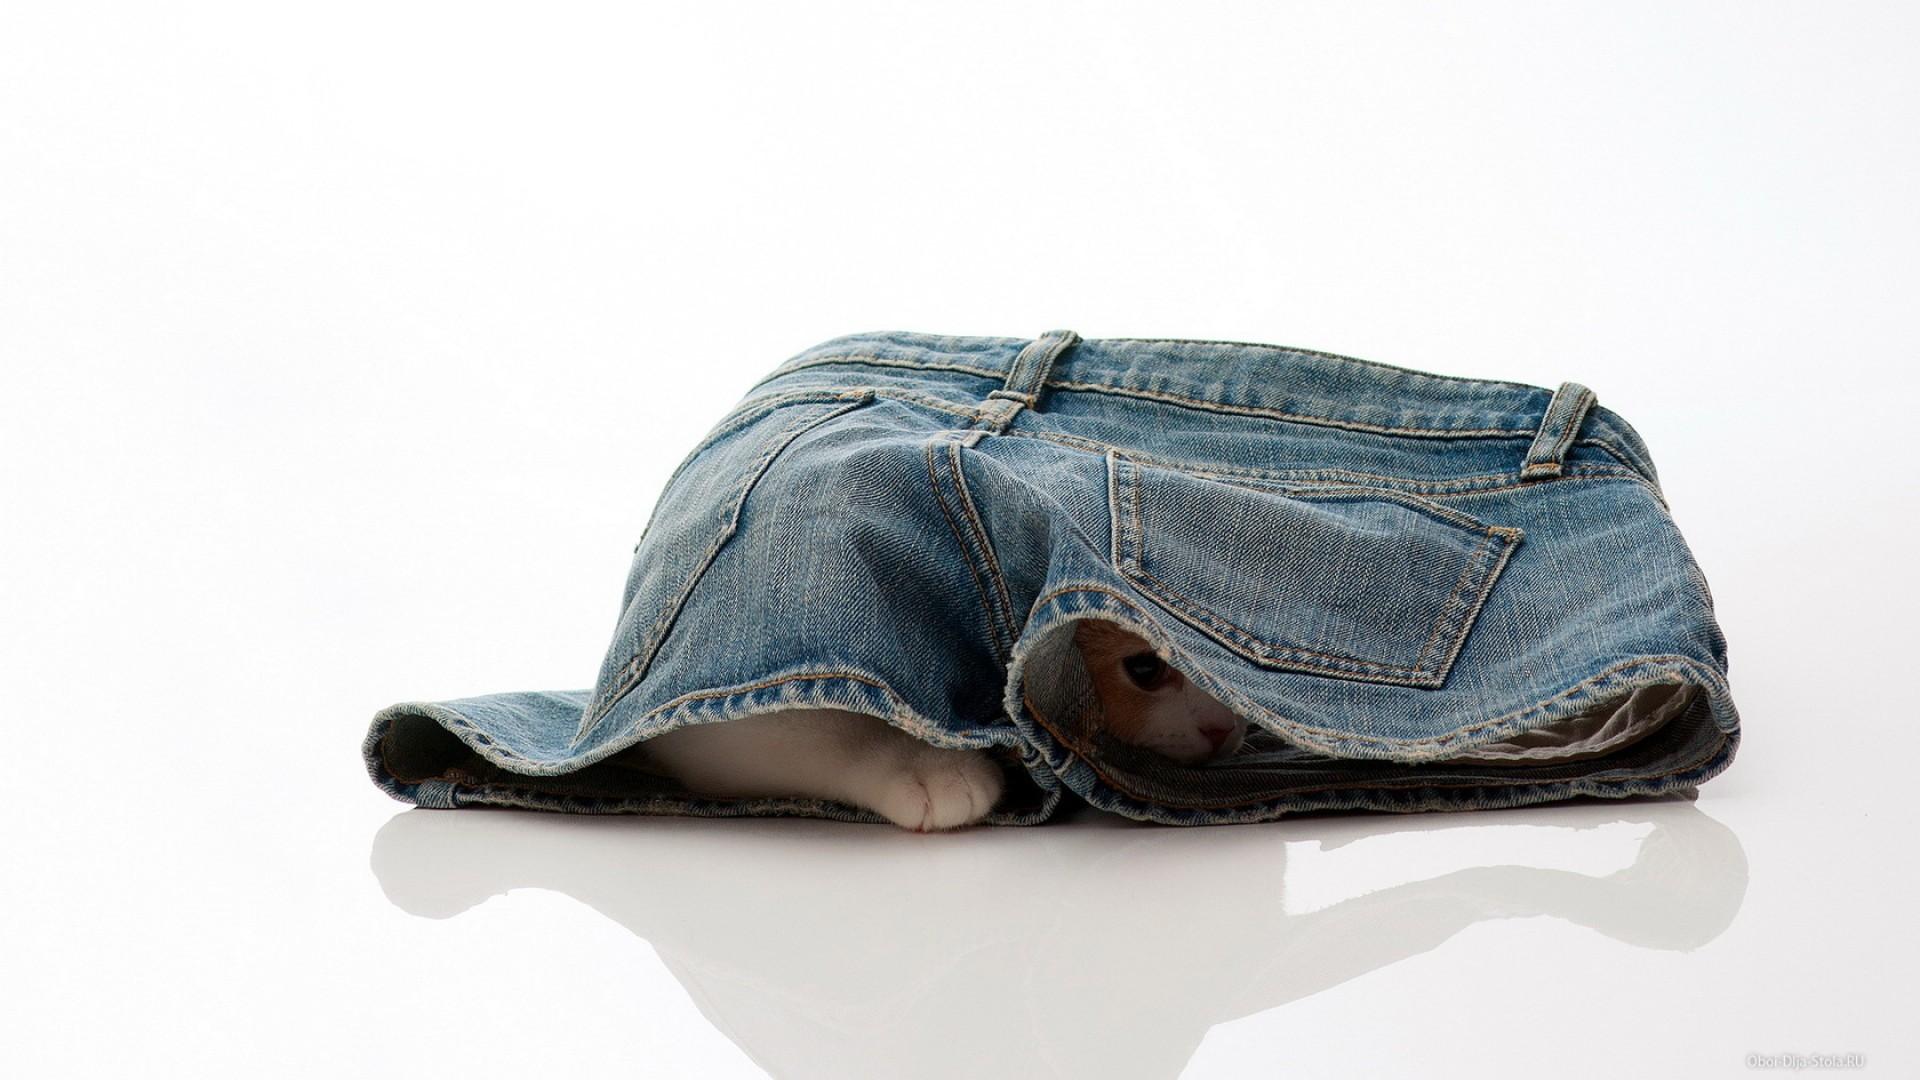 премии лучшую картинки котят в джинсах вам